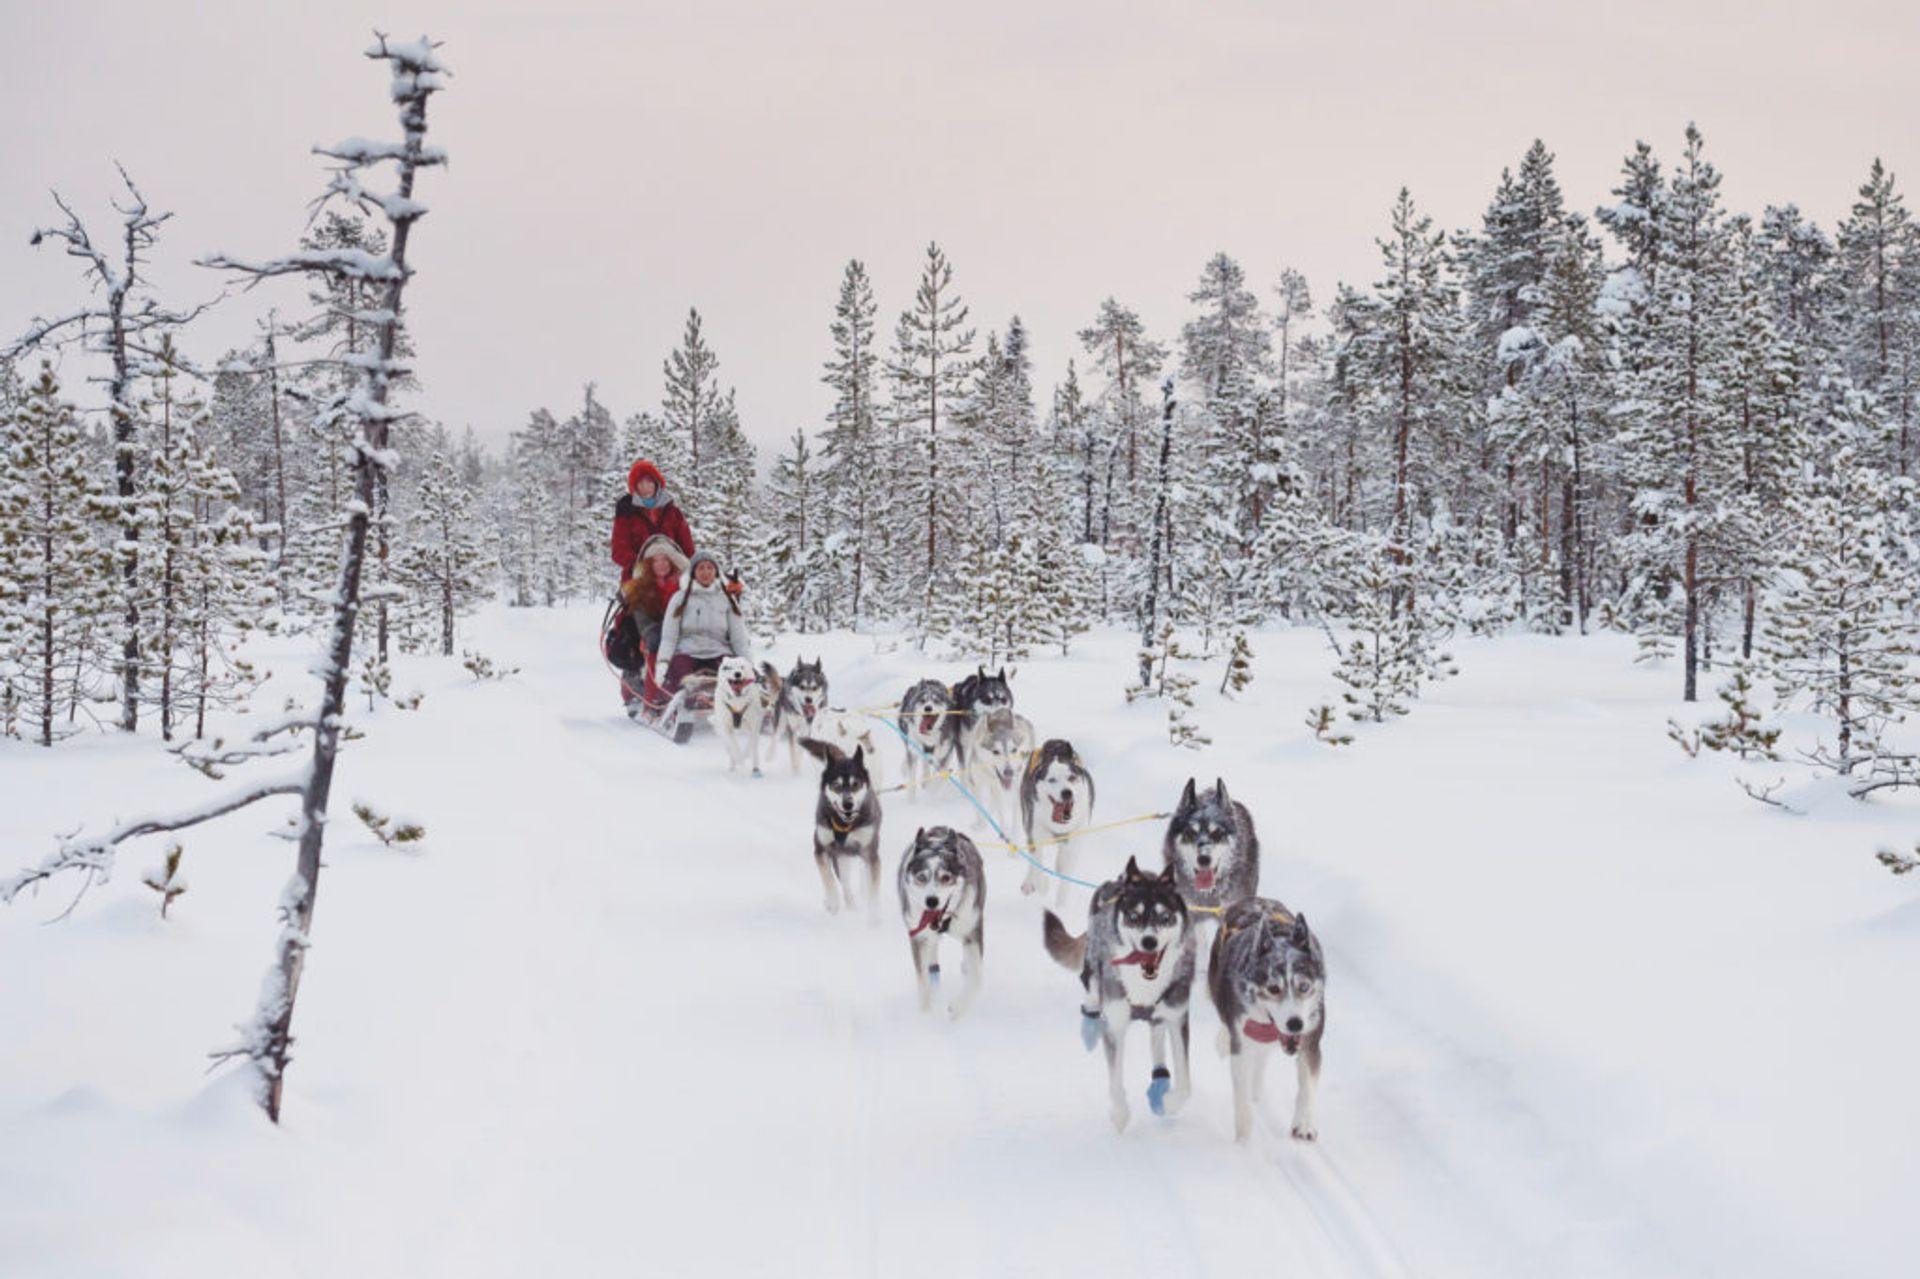 Dog sledding in a snowy forest.